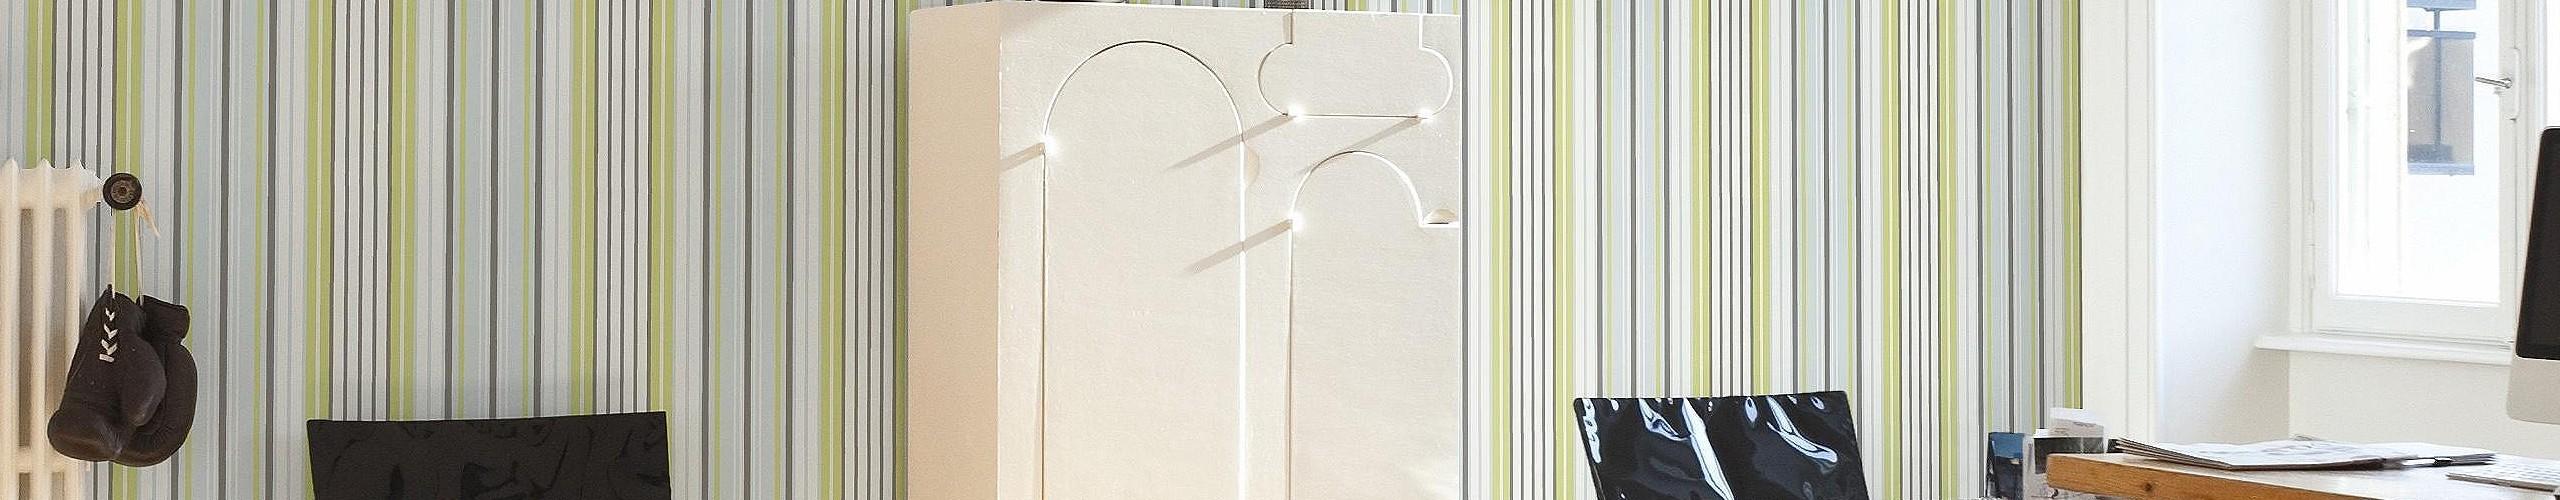 streifen grau gr n tapeten lust auf was neues. Black Bedroom Furniture Sets. Home Design Ideas